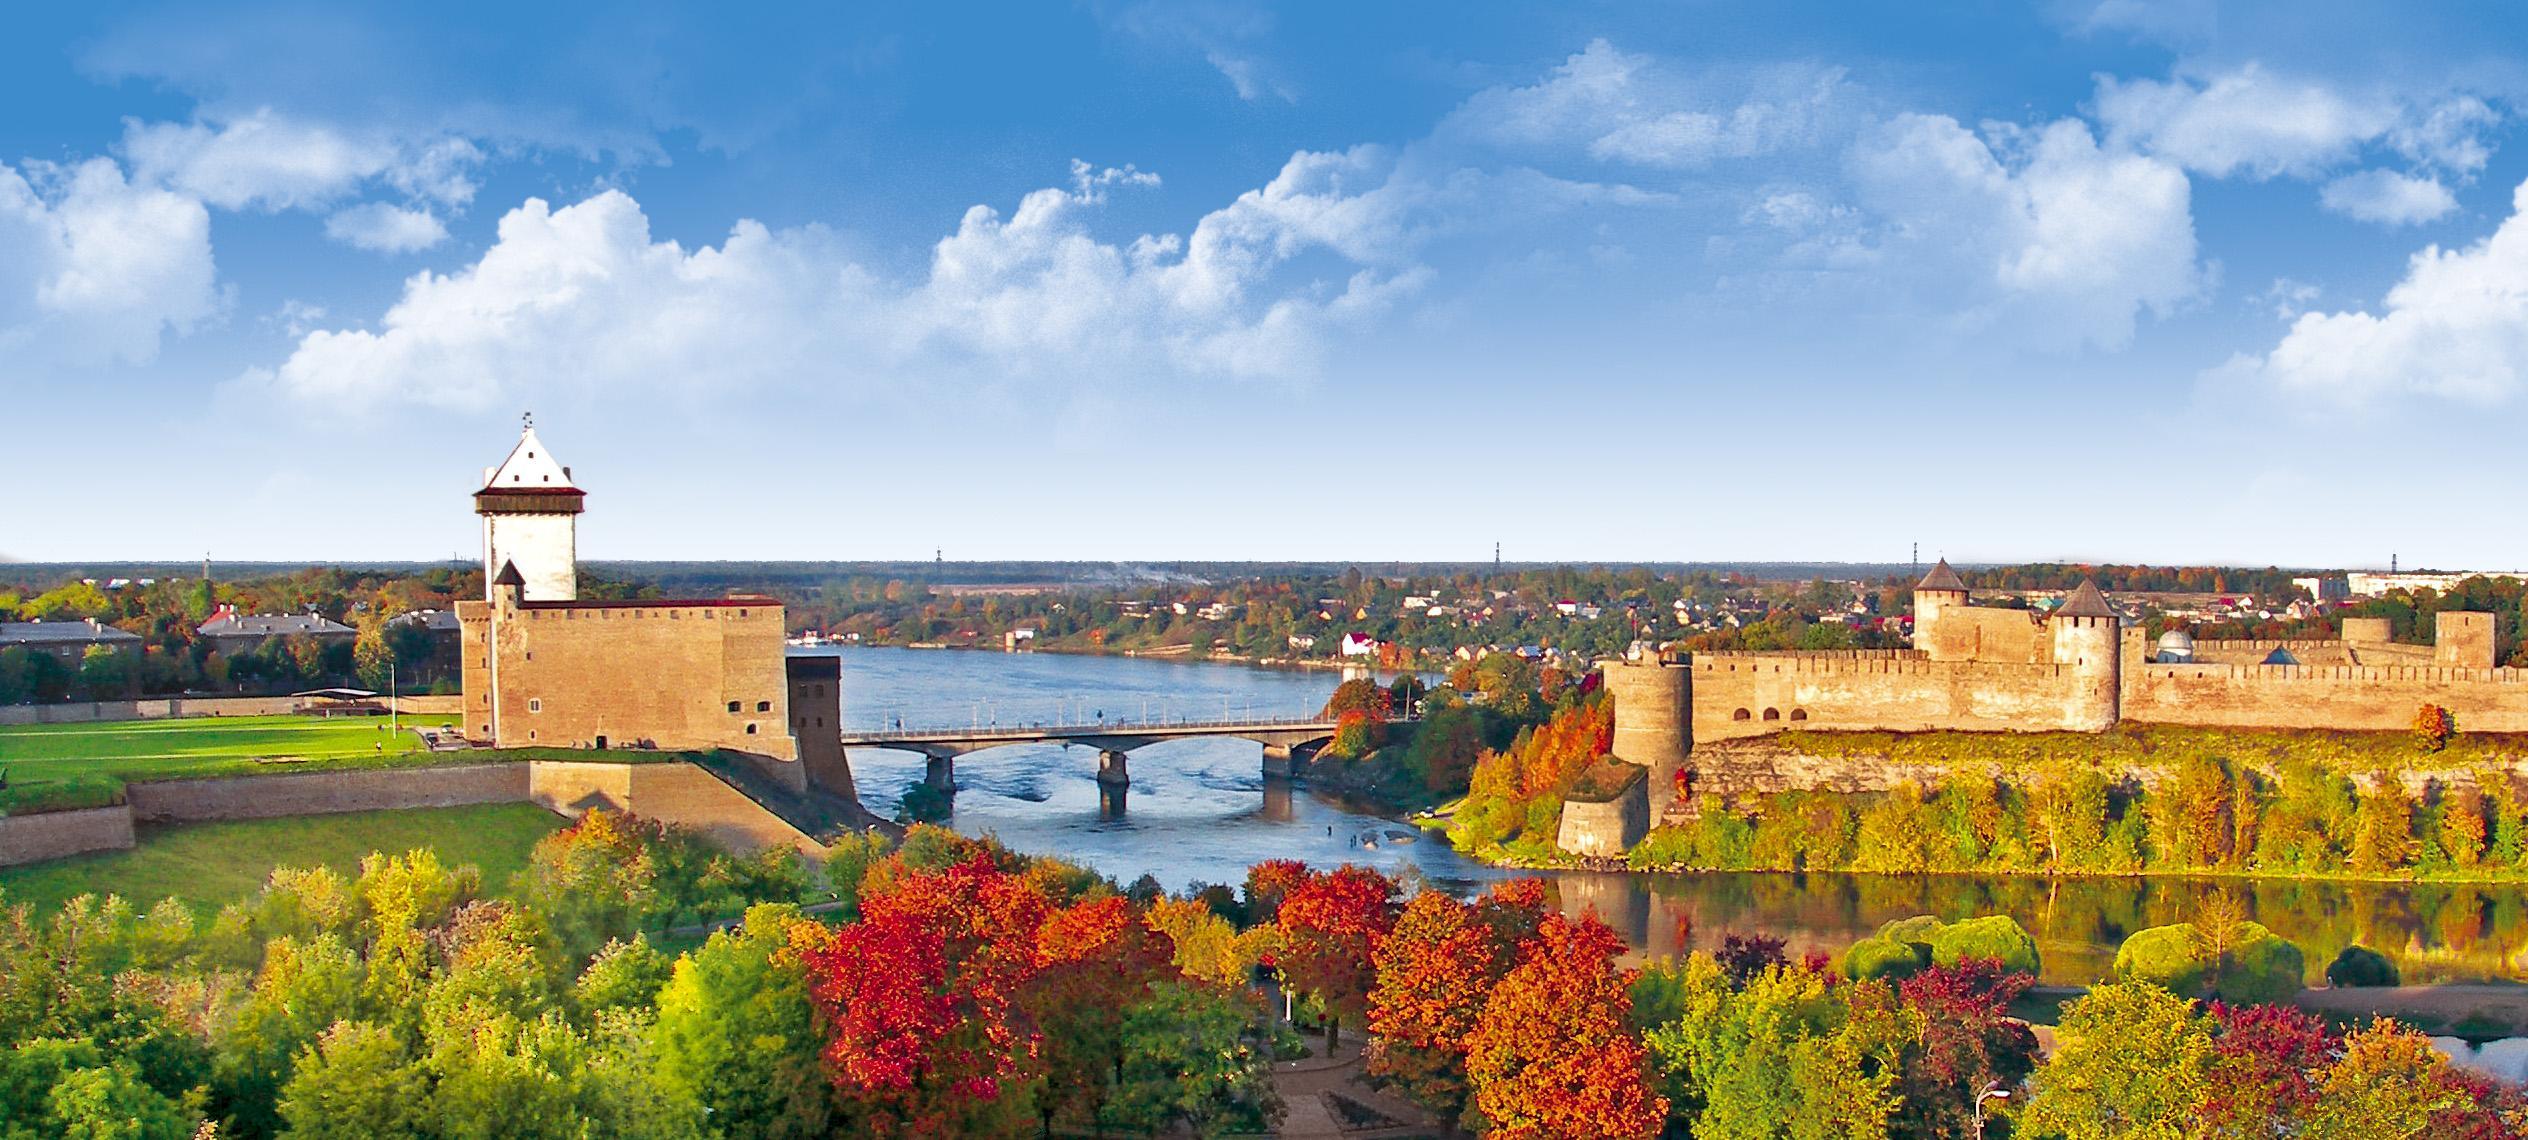 """Attēlu rezultāti vaicājumam """"Narva estonia"""""""